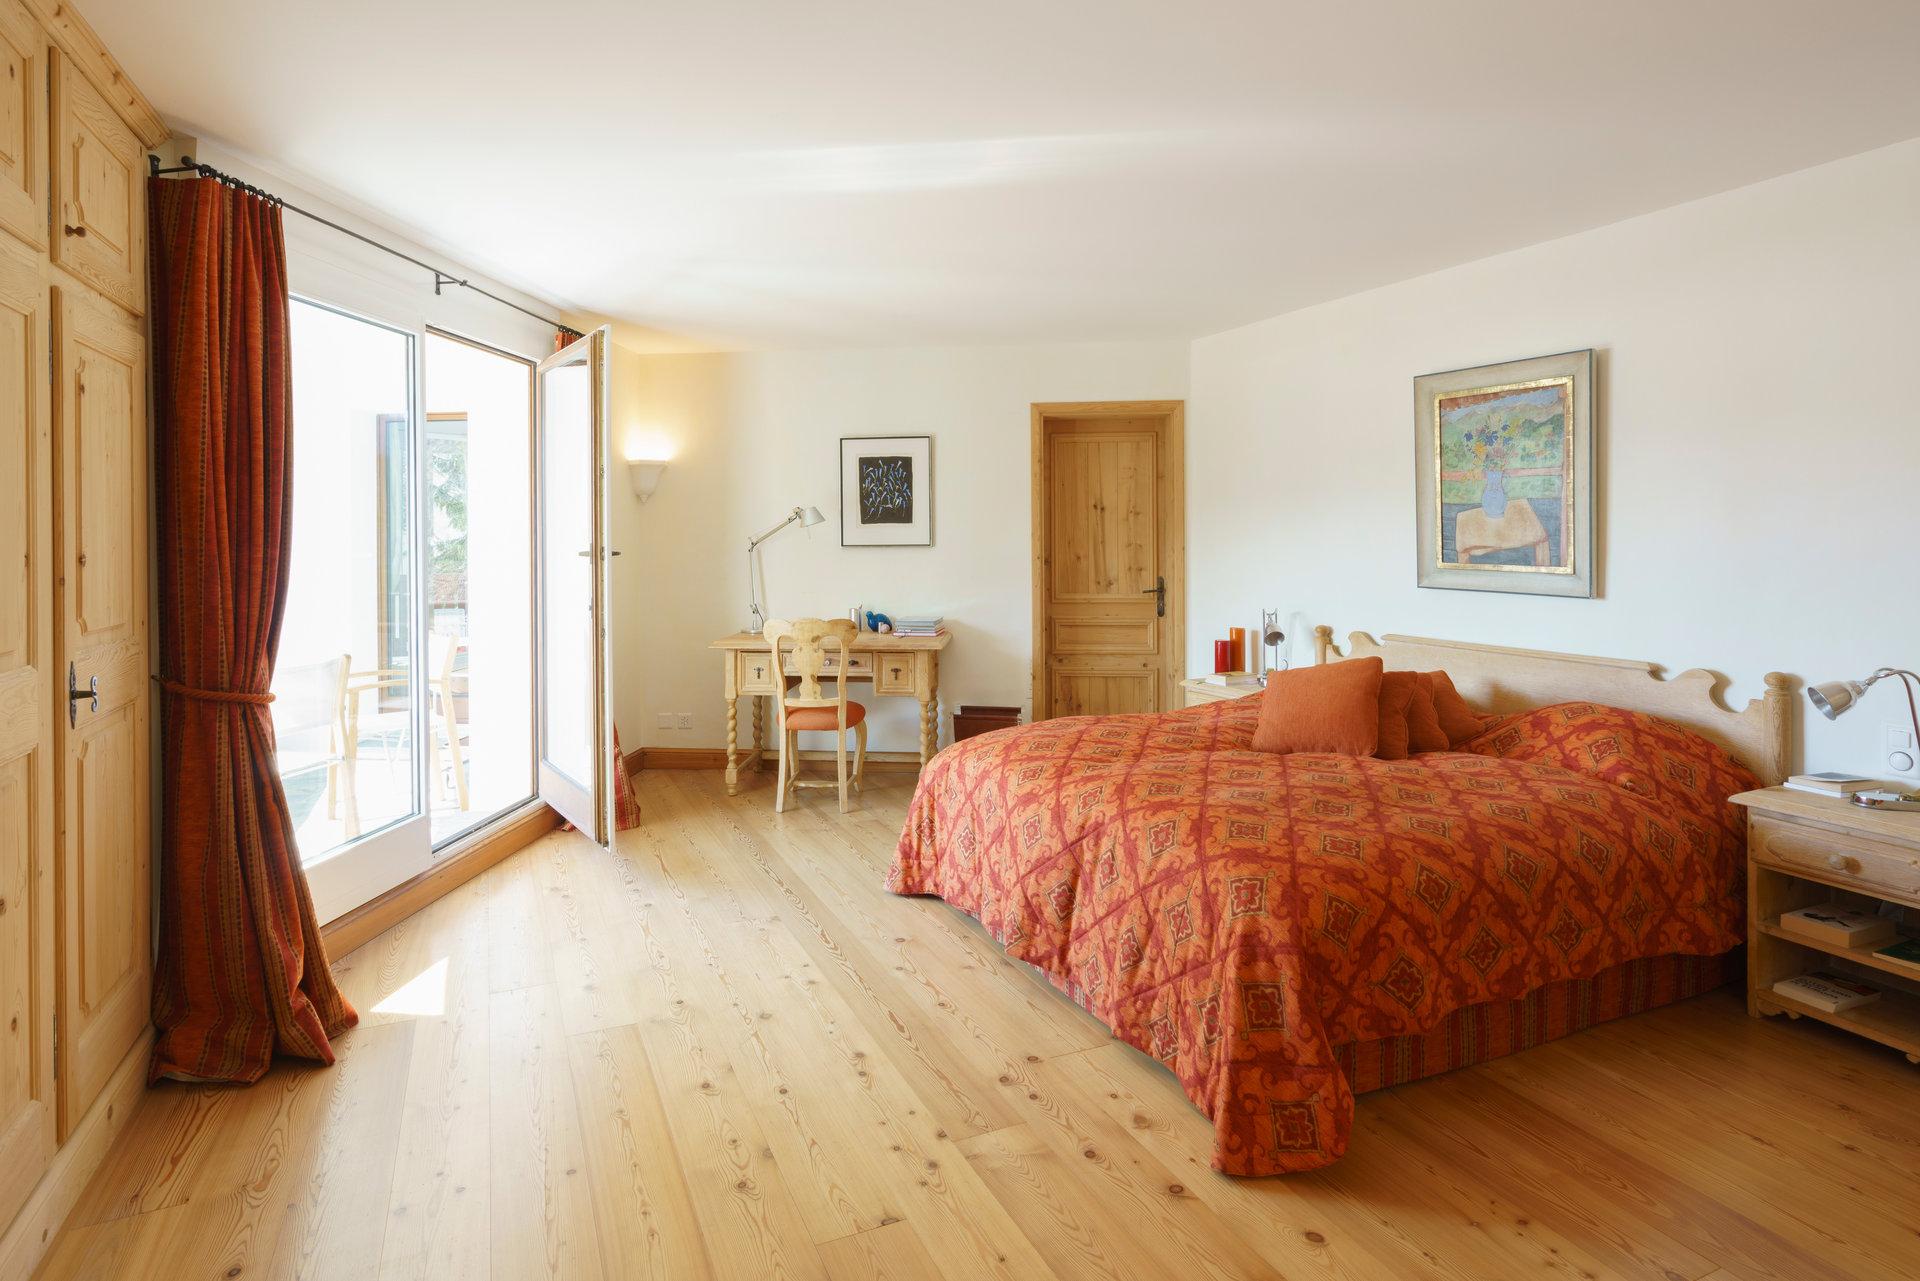 Verkauf Wohnung - Champfèr - Schweiz